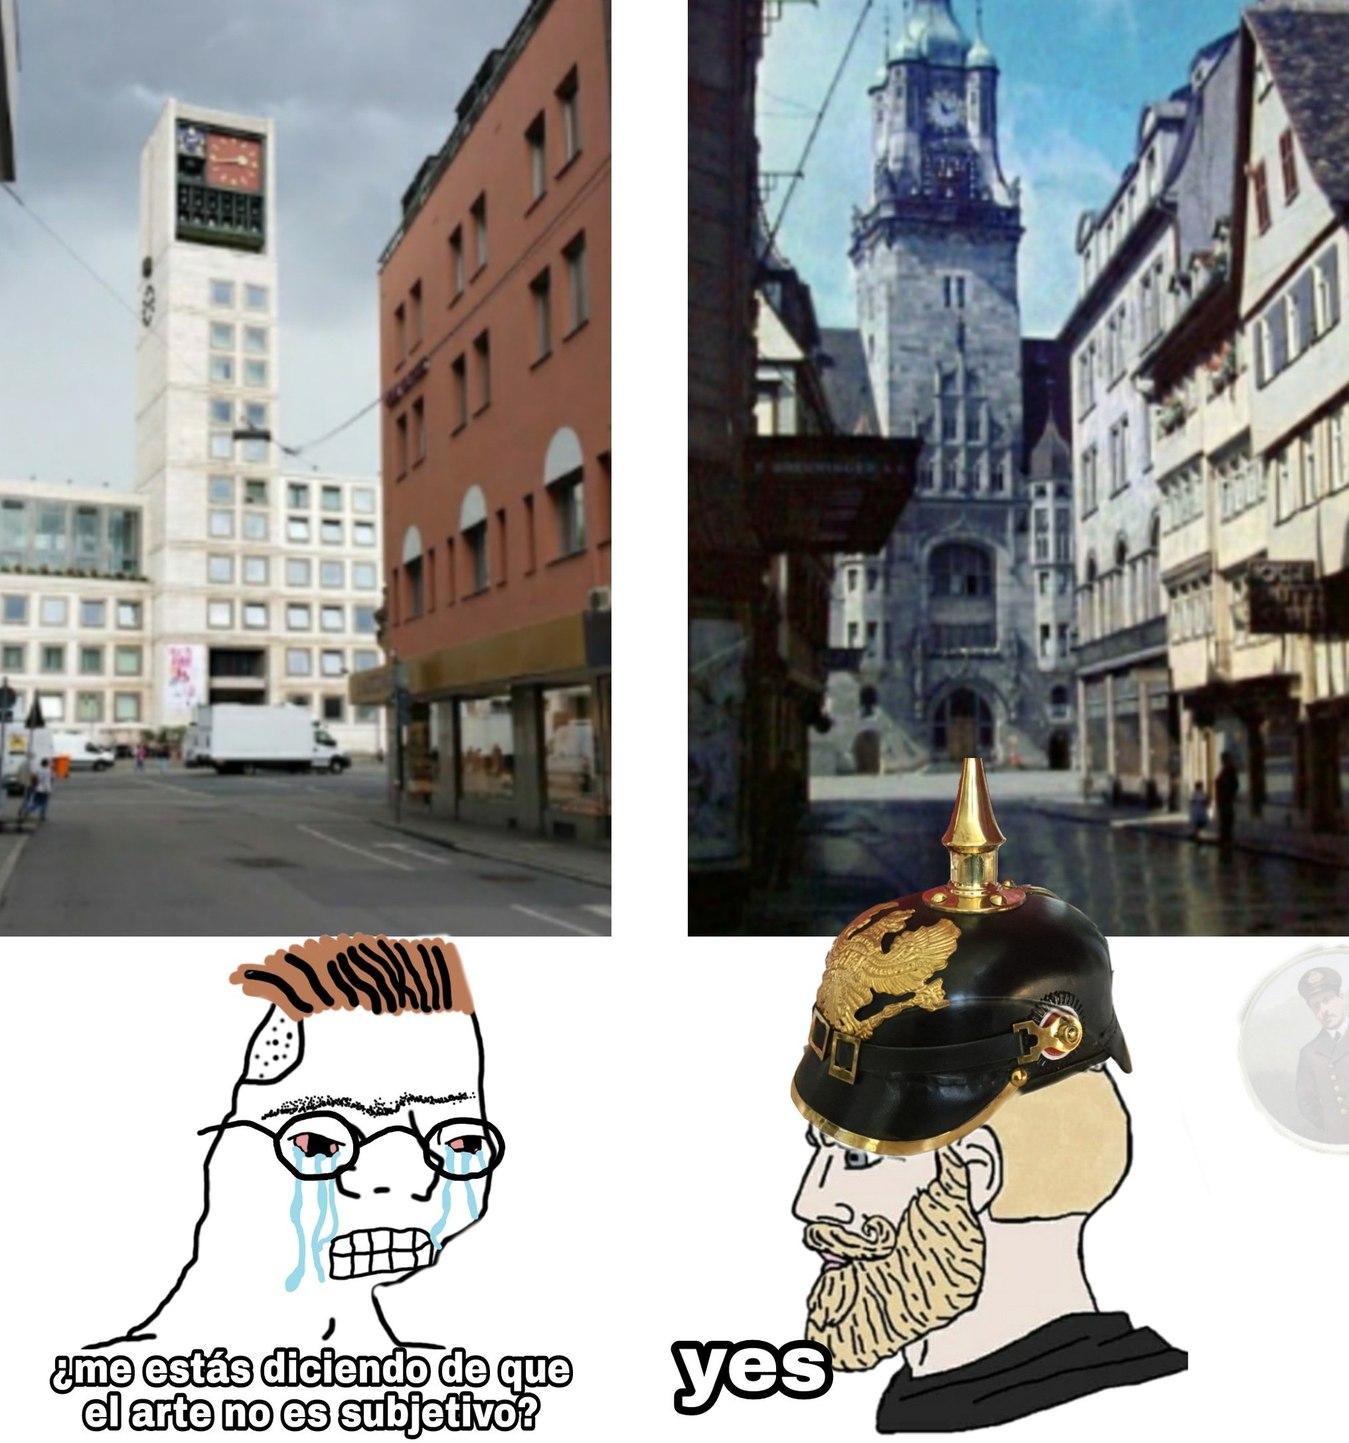 Las fotos son la misma calle, pero en distinta época. Pd: está vez si está justificado utilizar al nordic yes - meme